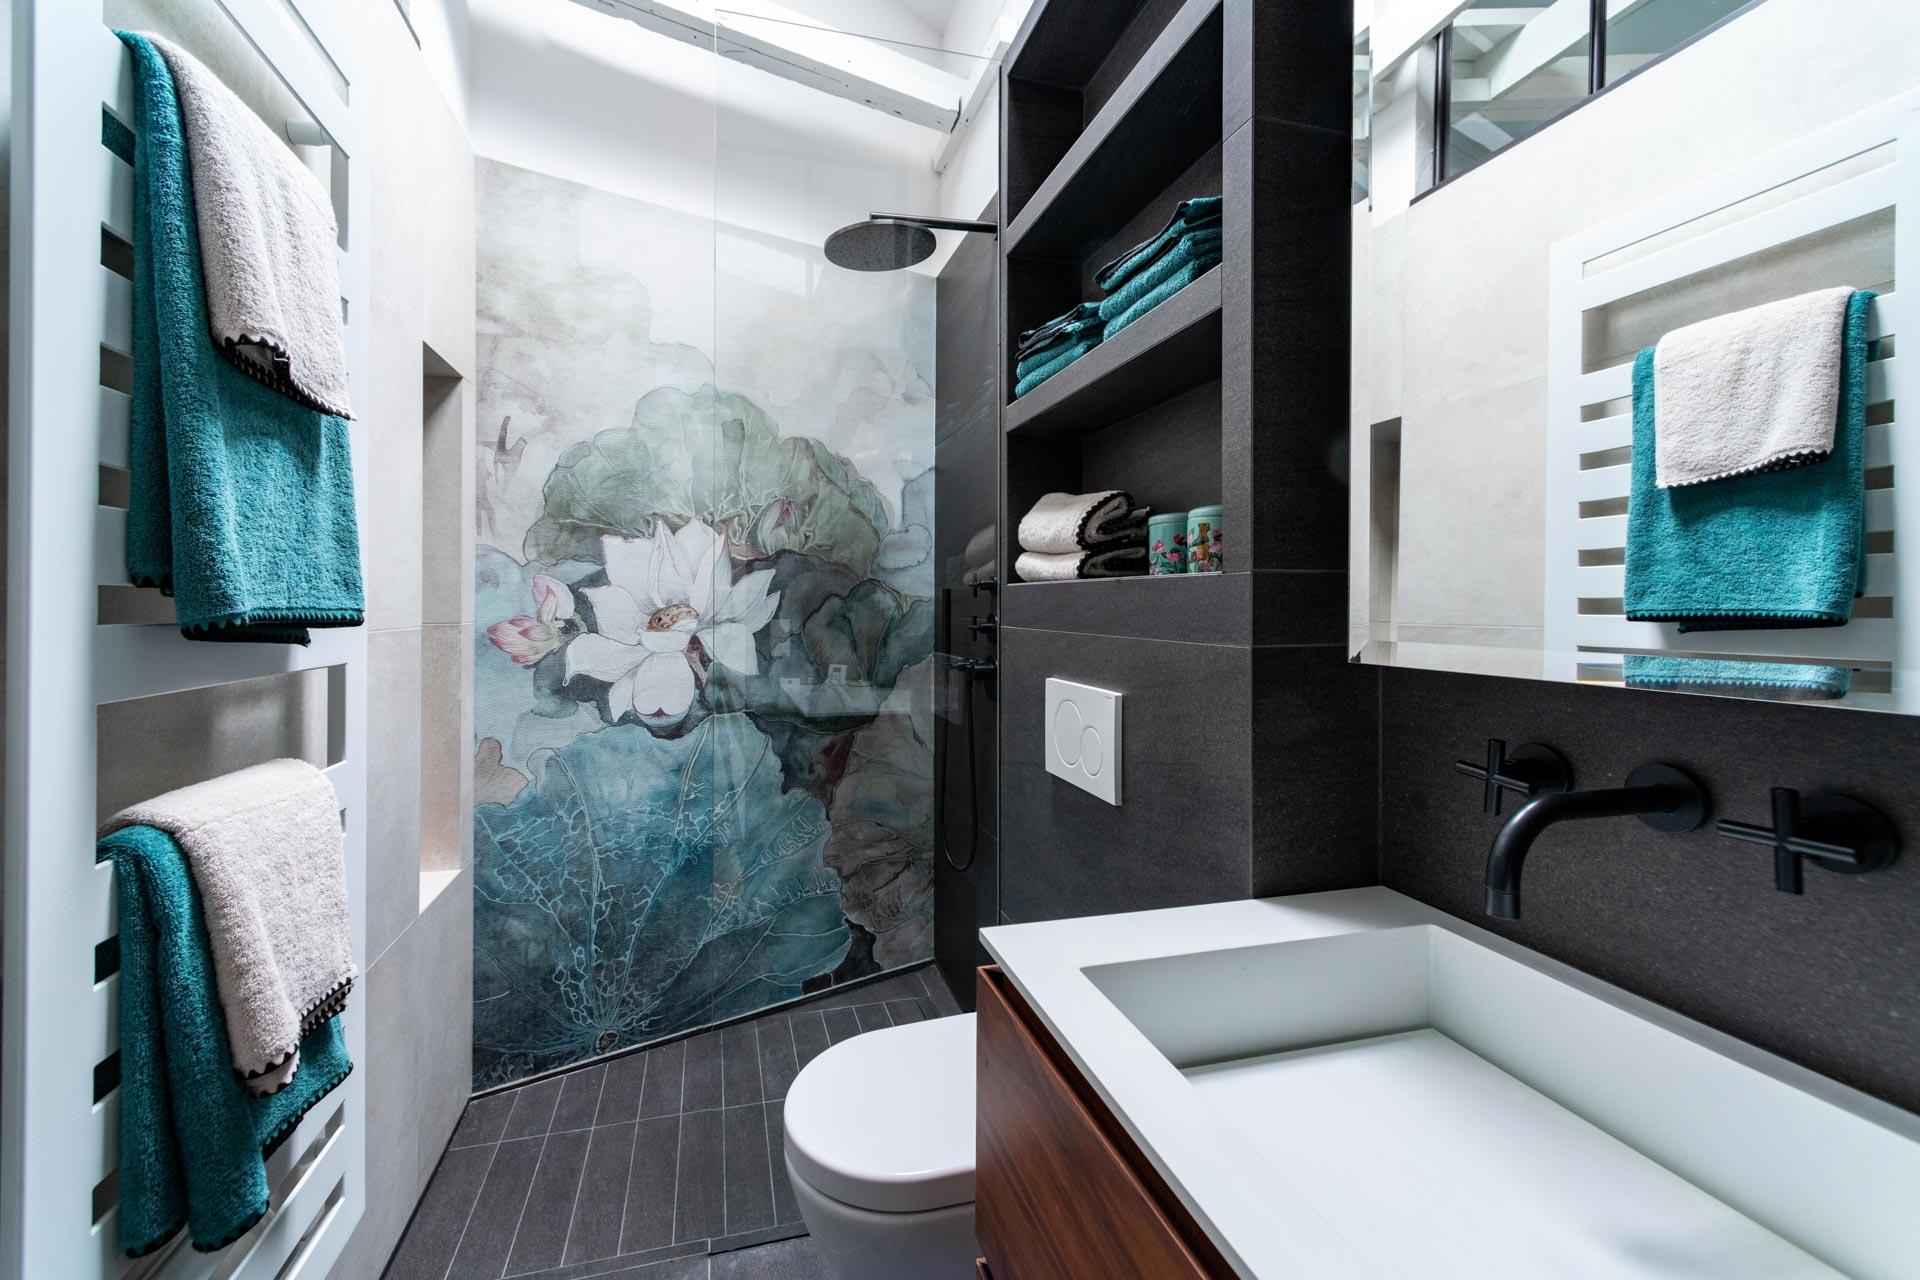 salle de bain avec un lavabo et des wc une douche avec un papier mural représentant un nénuphar